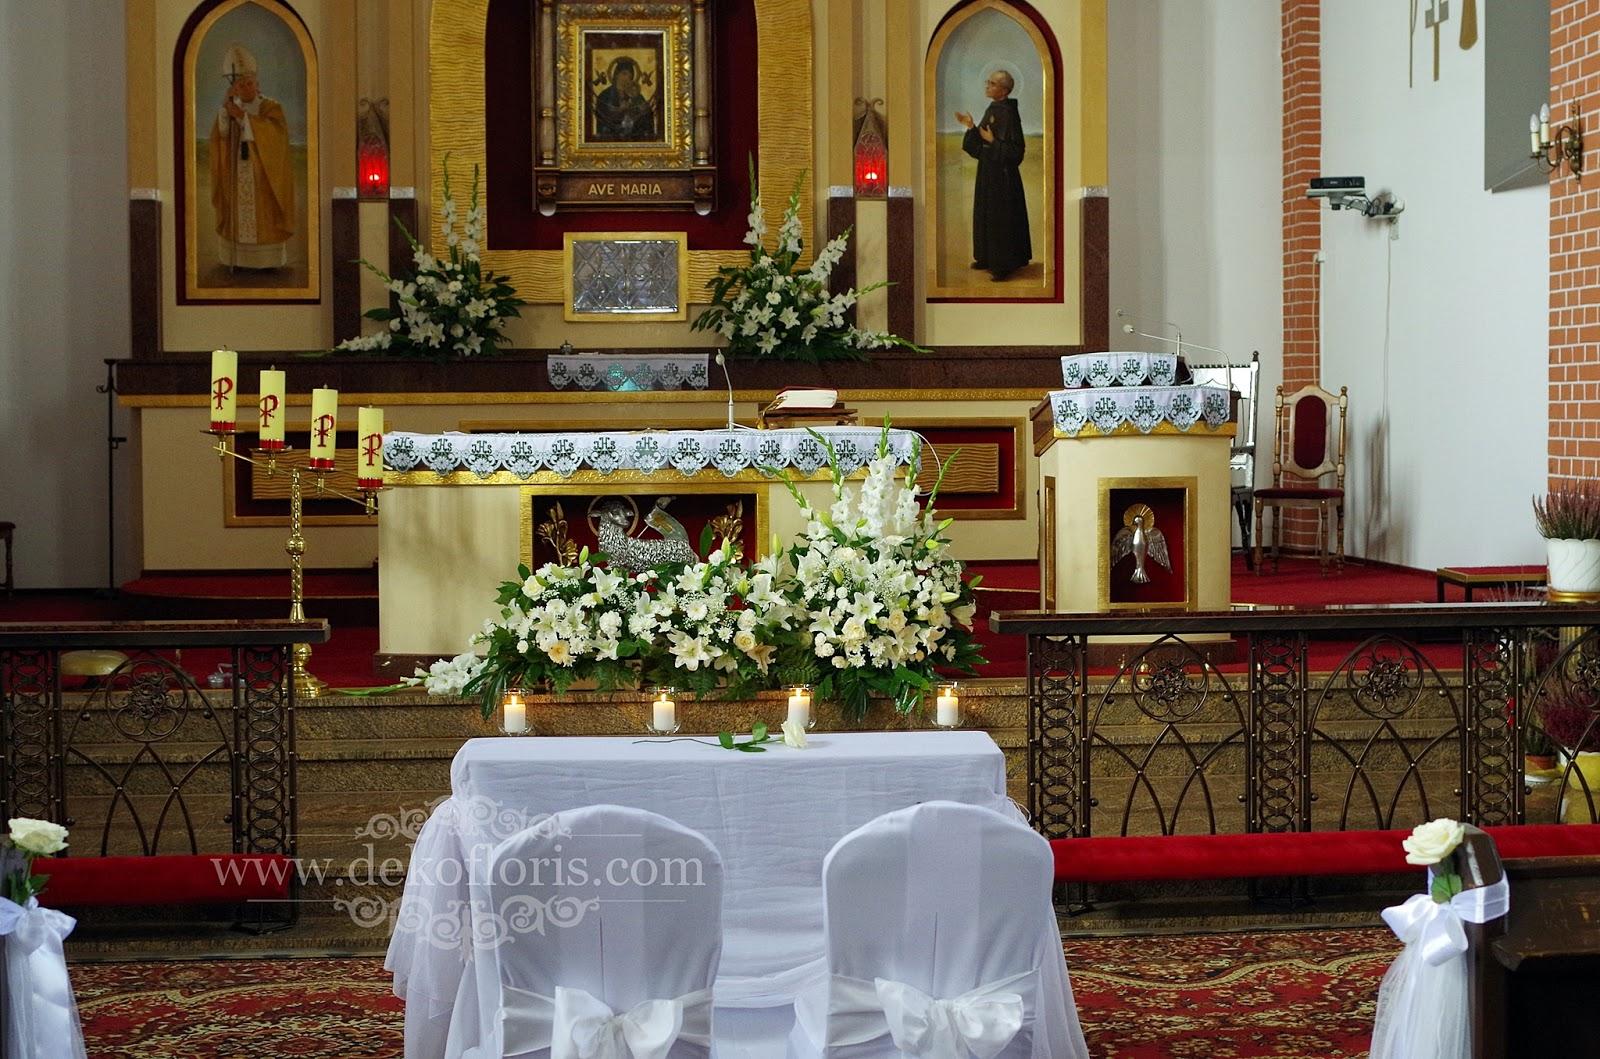 Ślubna dekoracja kościoła - białe kwiaty i tiul